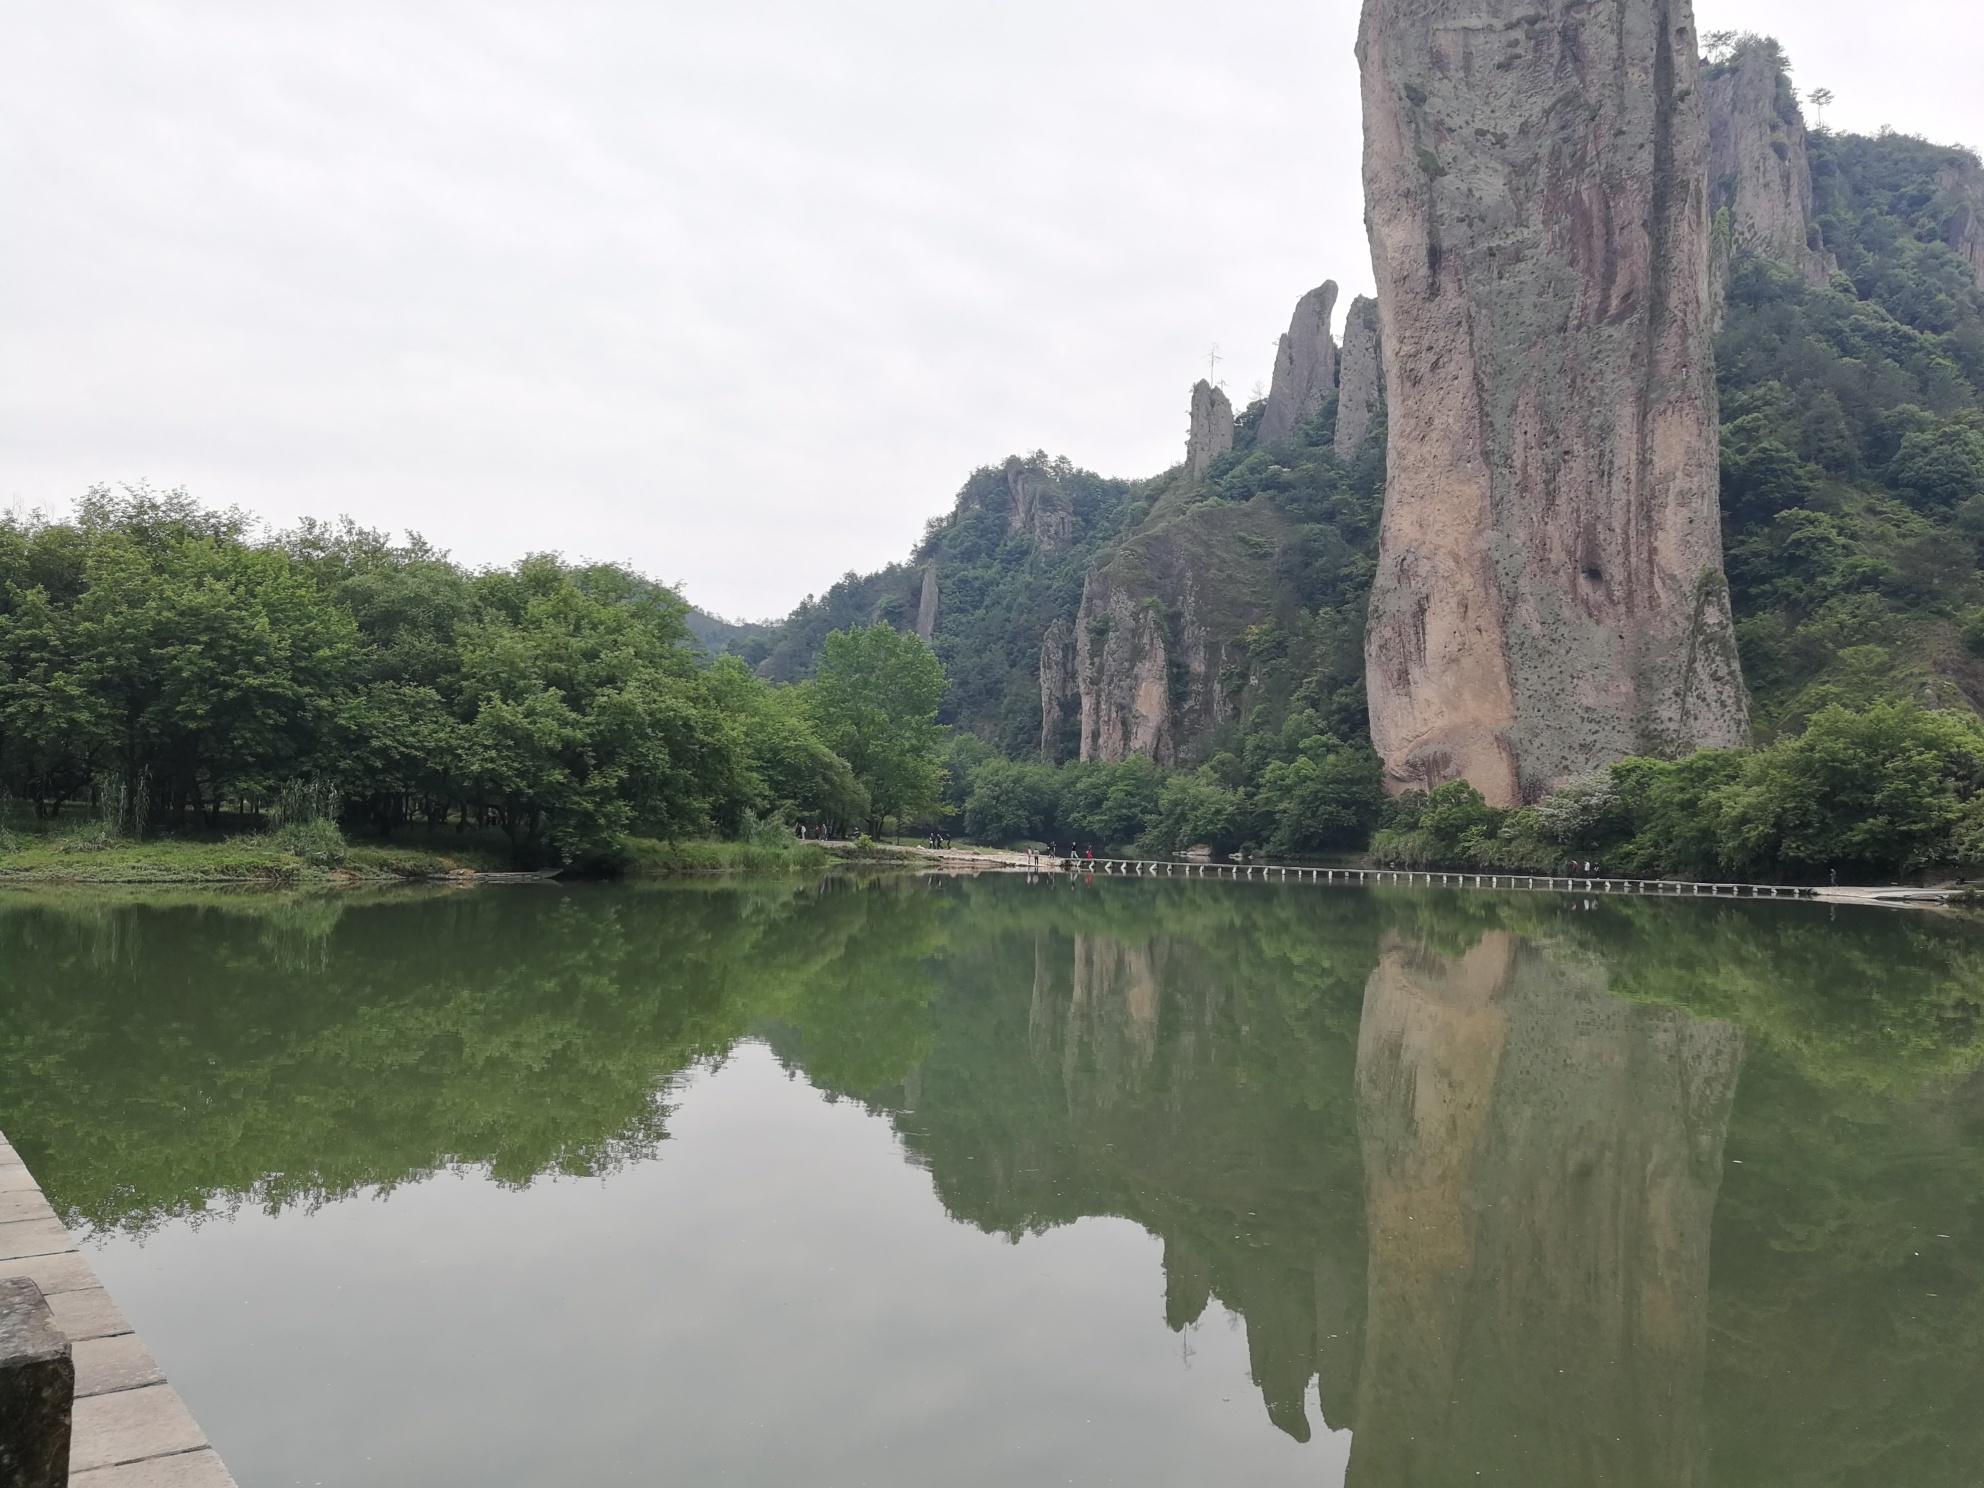 丽水二日游(2)--缙云县河阳民居、仙都古羁绊,景区视频的攻略红叶图片